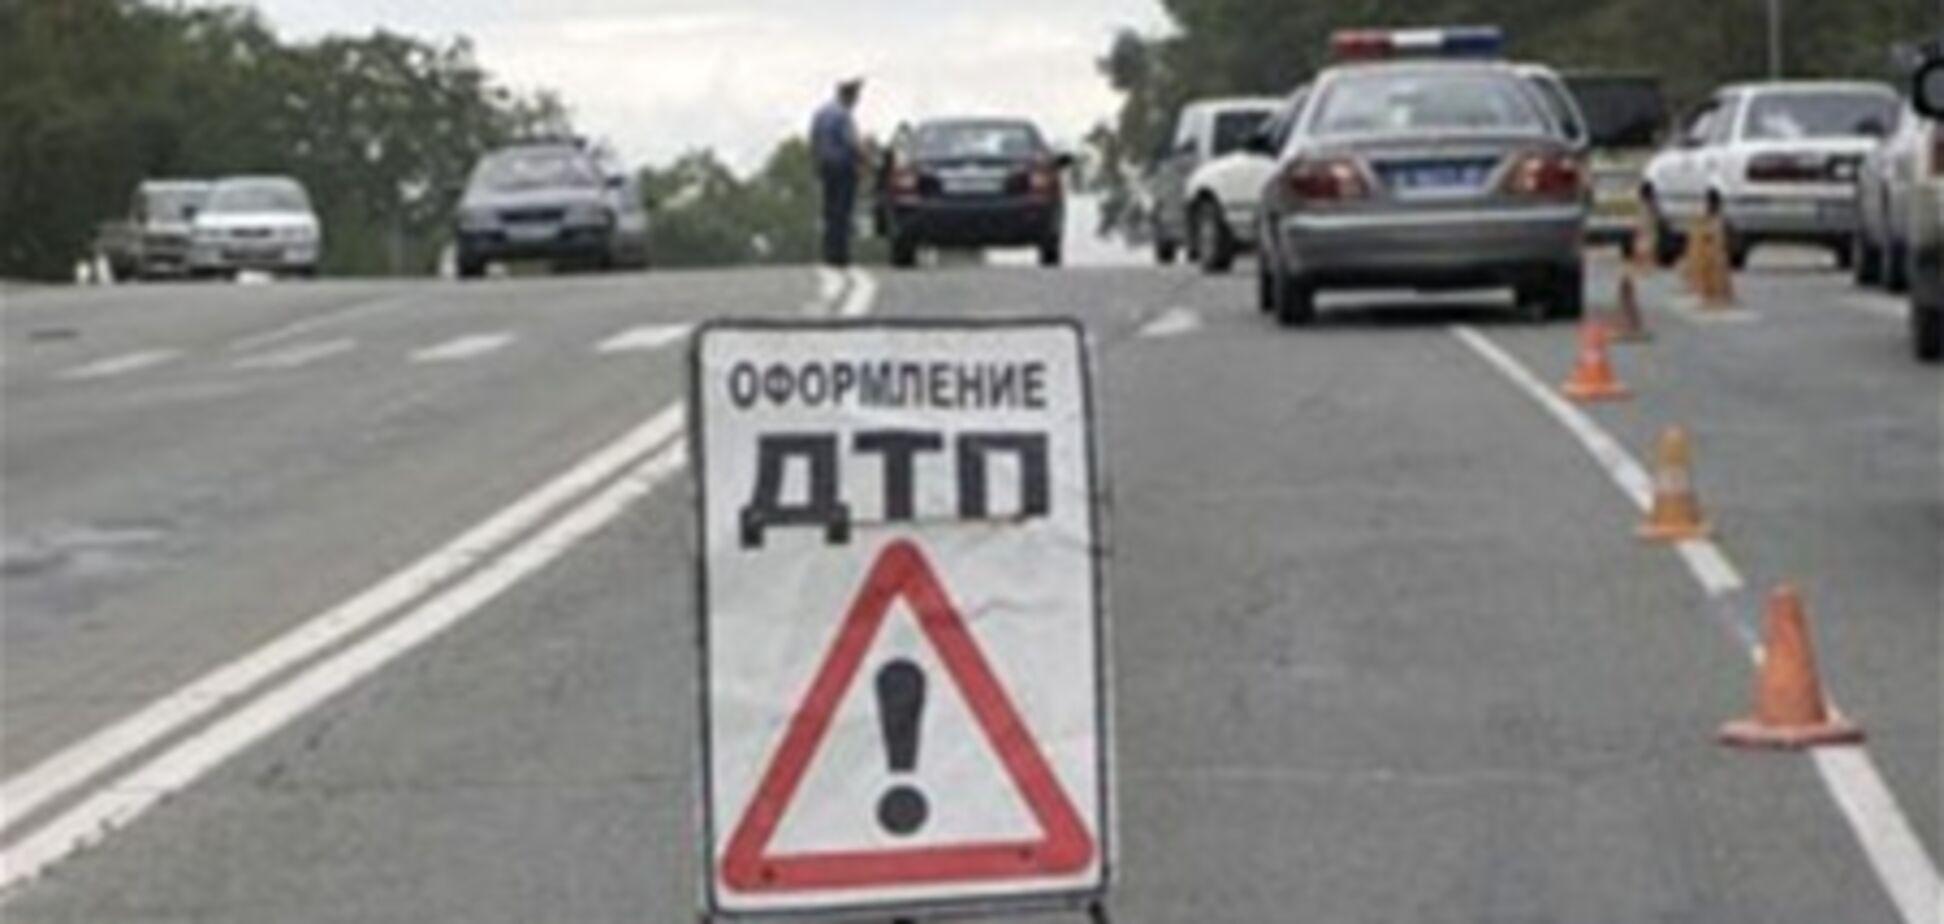 Перехожий, якого в Одесі переїхав п'яний мажор, помер у лікарні